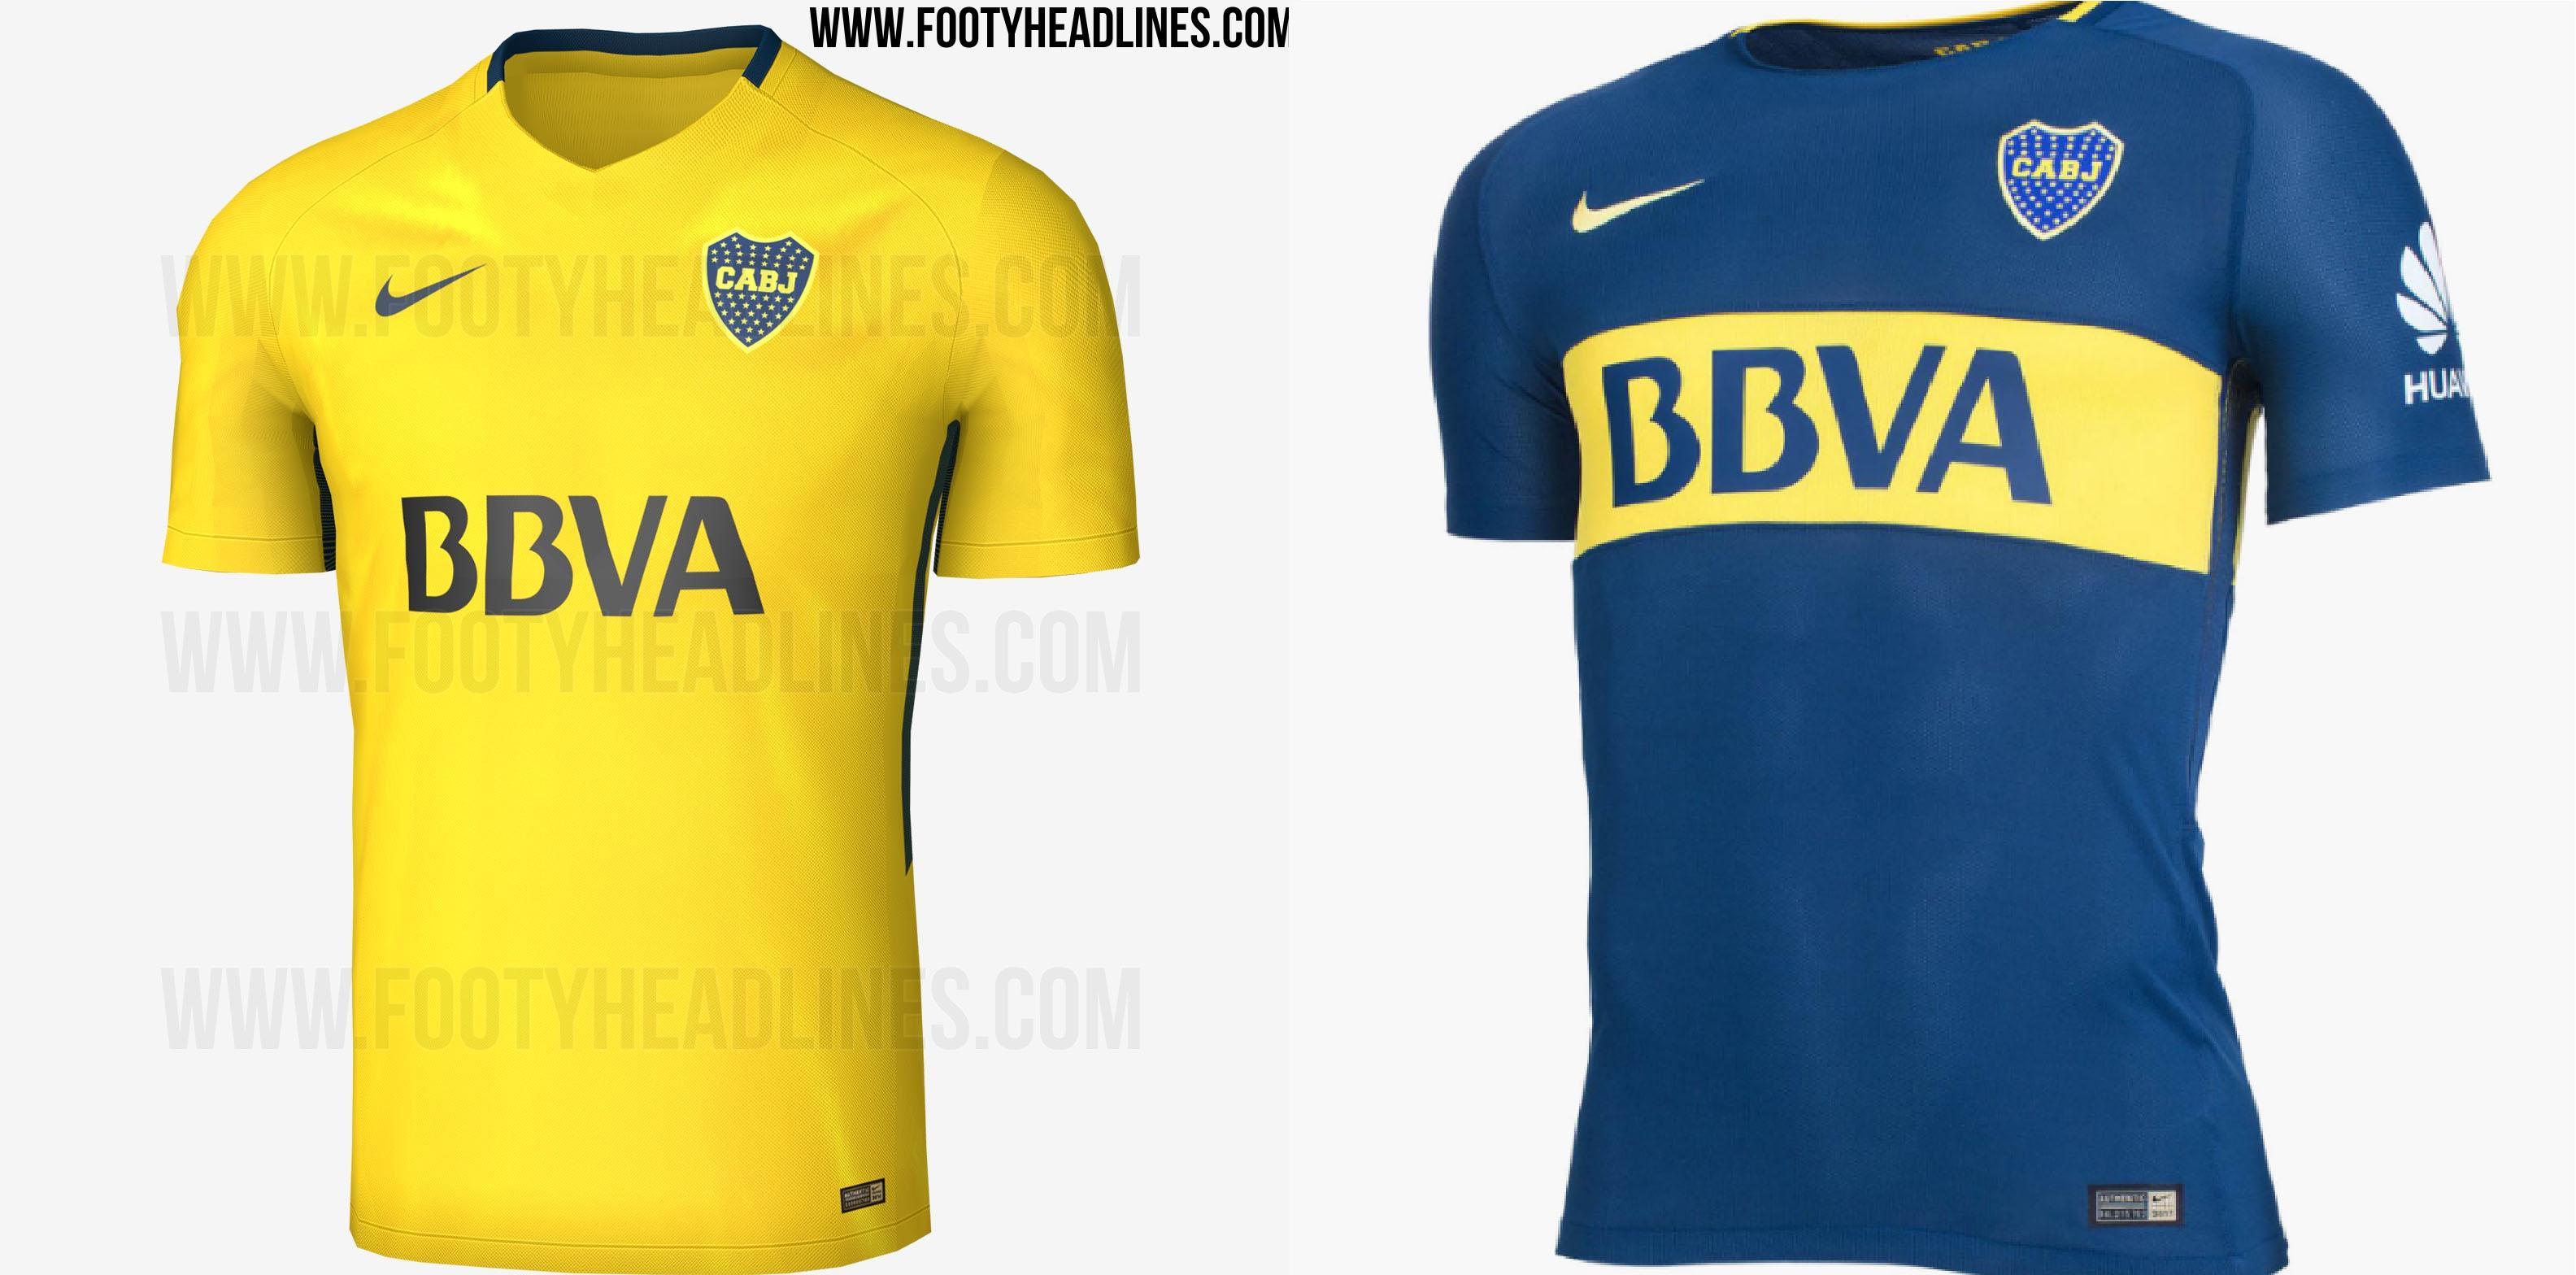 O site Footy Headlines vazou nesta sexta-feira (21) os novos uniformes do  Boca Juniors c32400577bf42